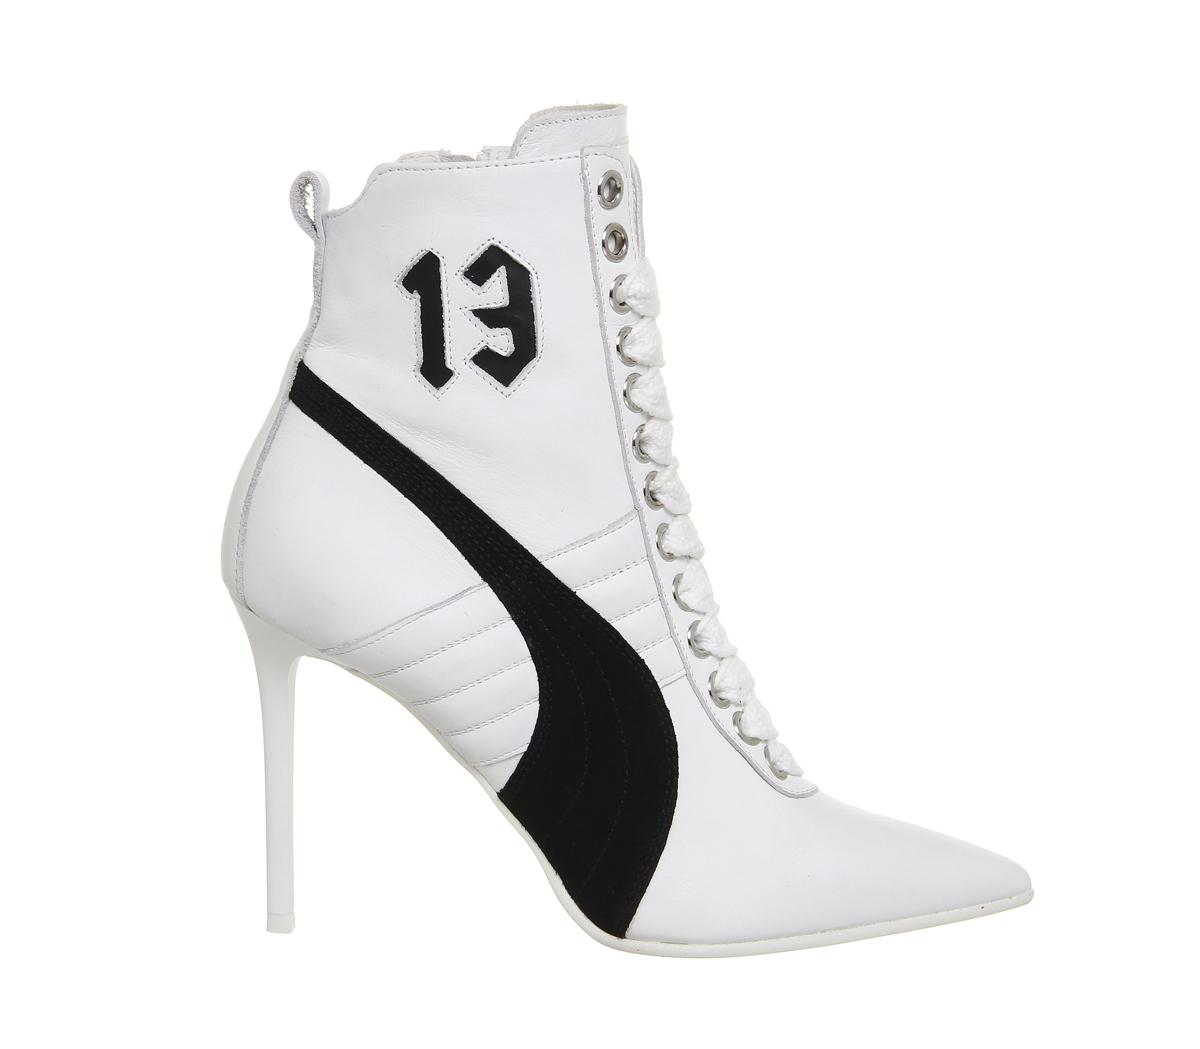 Damen Puma Hoher Absatz Leder Sneakers Weiß Leder Absatz Turnschuhe 0703e6